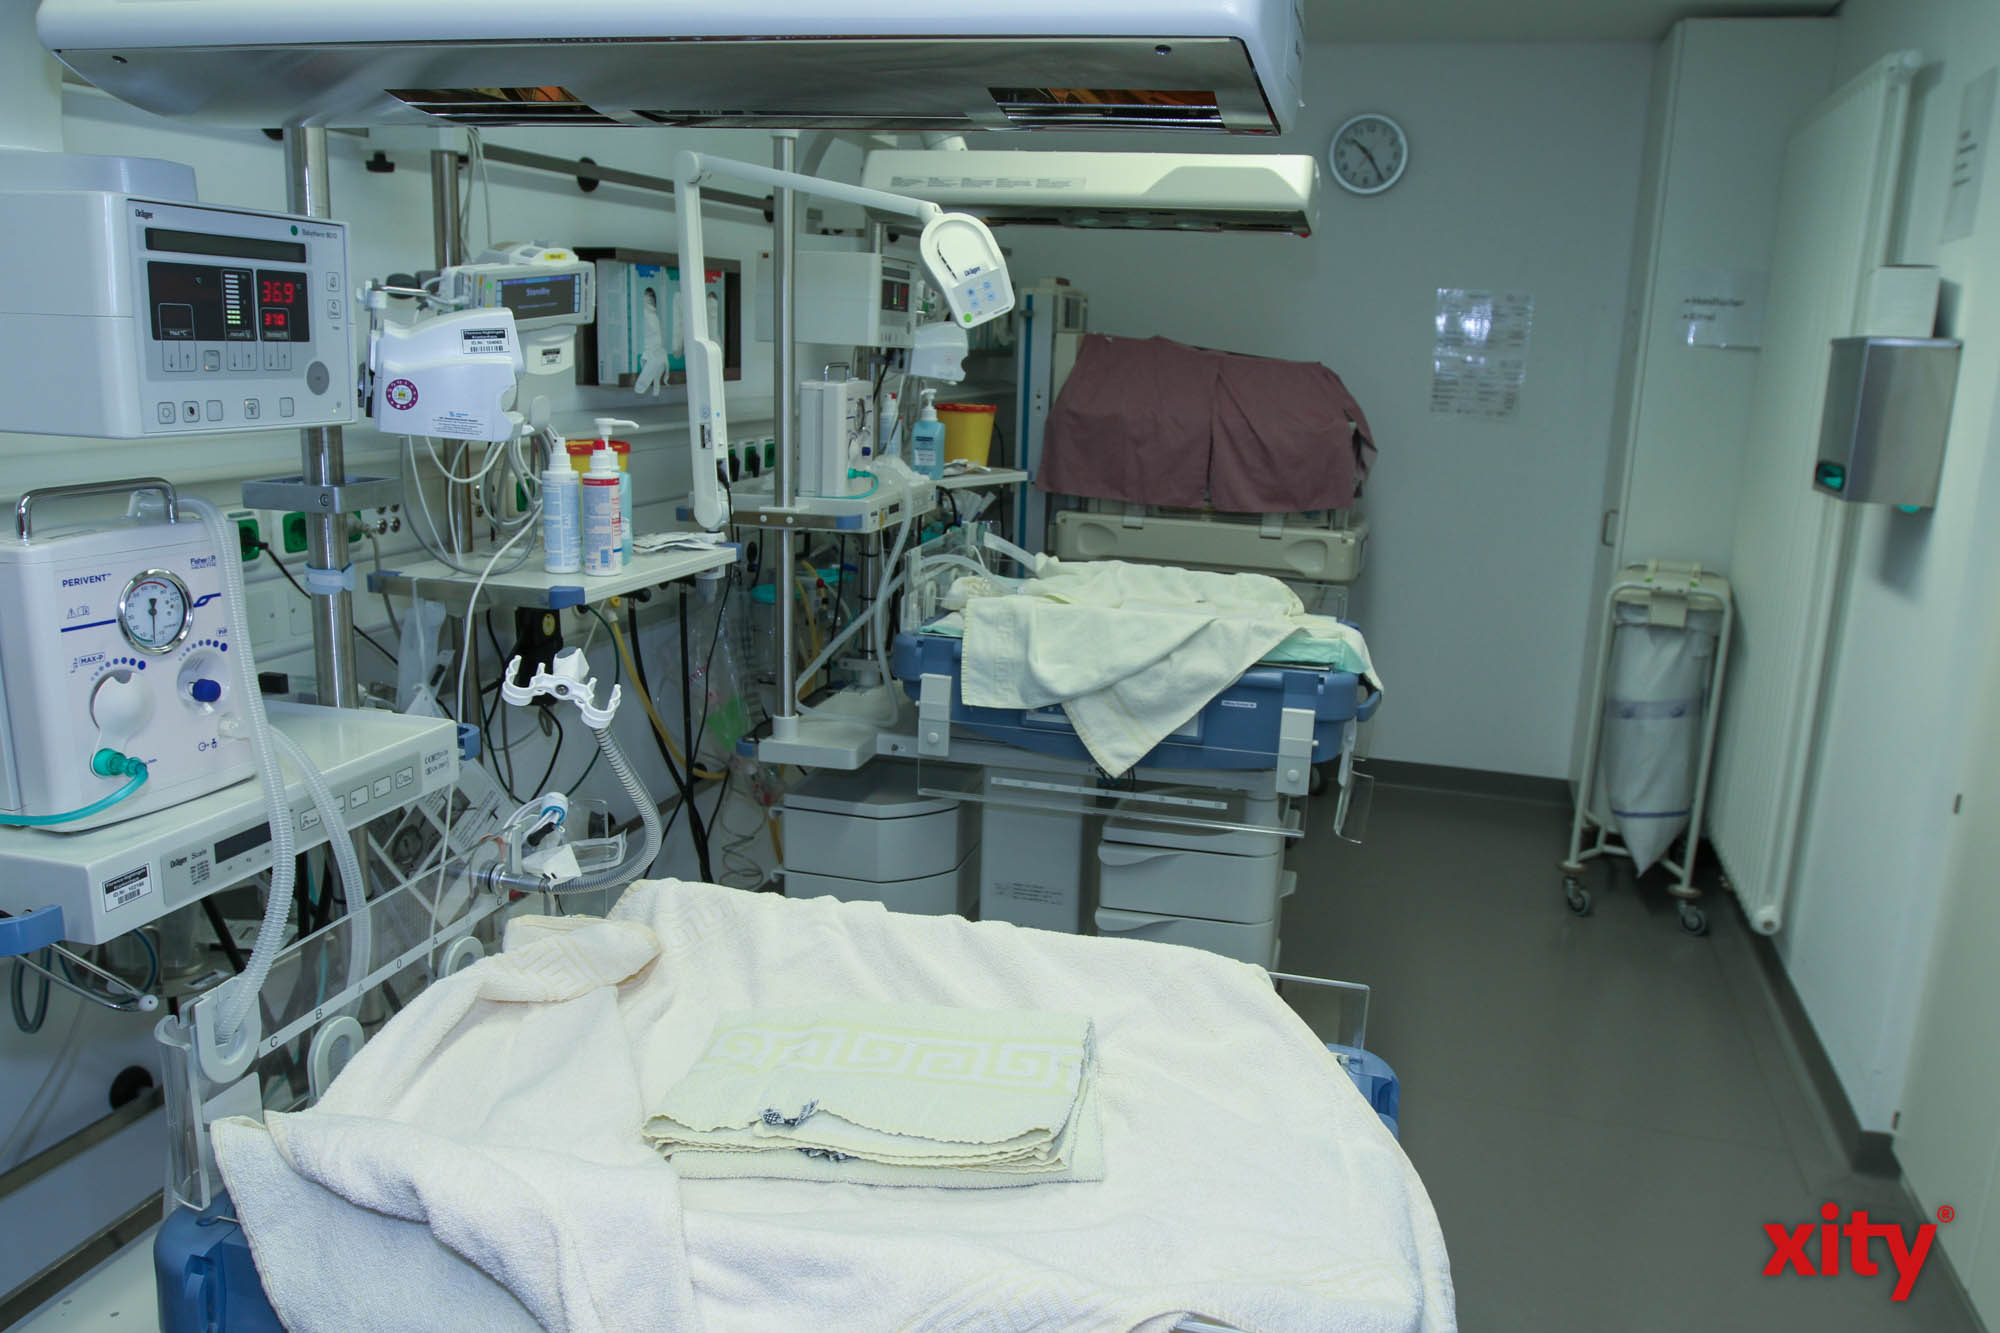 Der Landkreistag NRW fordert Nachbesserungen im Entwurf eines Covid-19-Krankenhausentlastungsgesetzes. (Foto: xity)